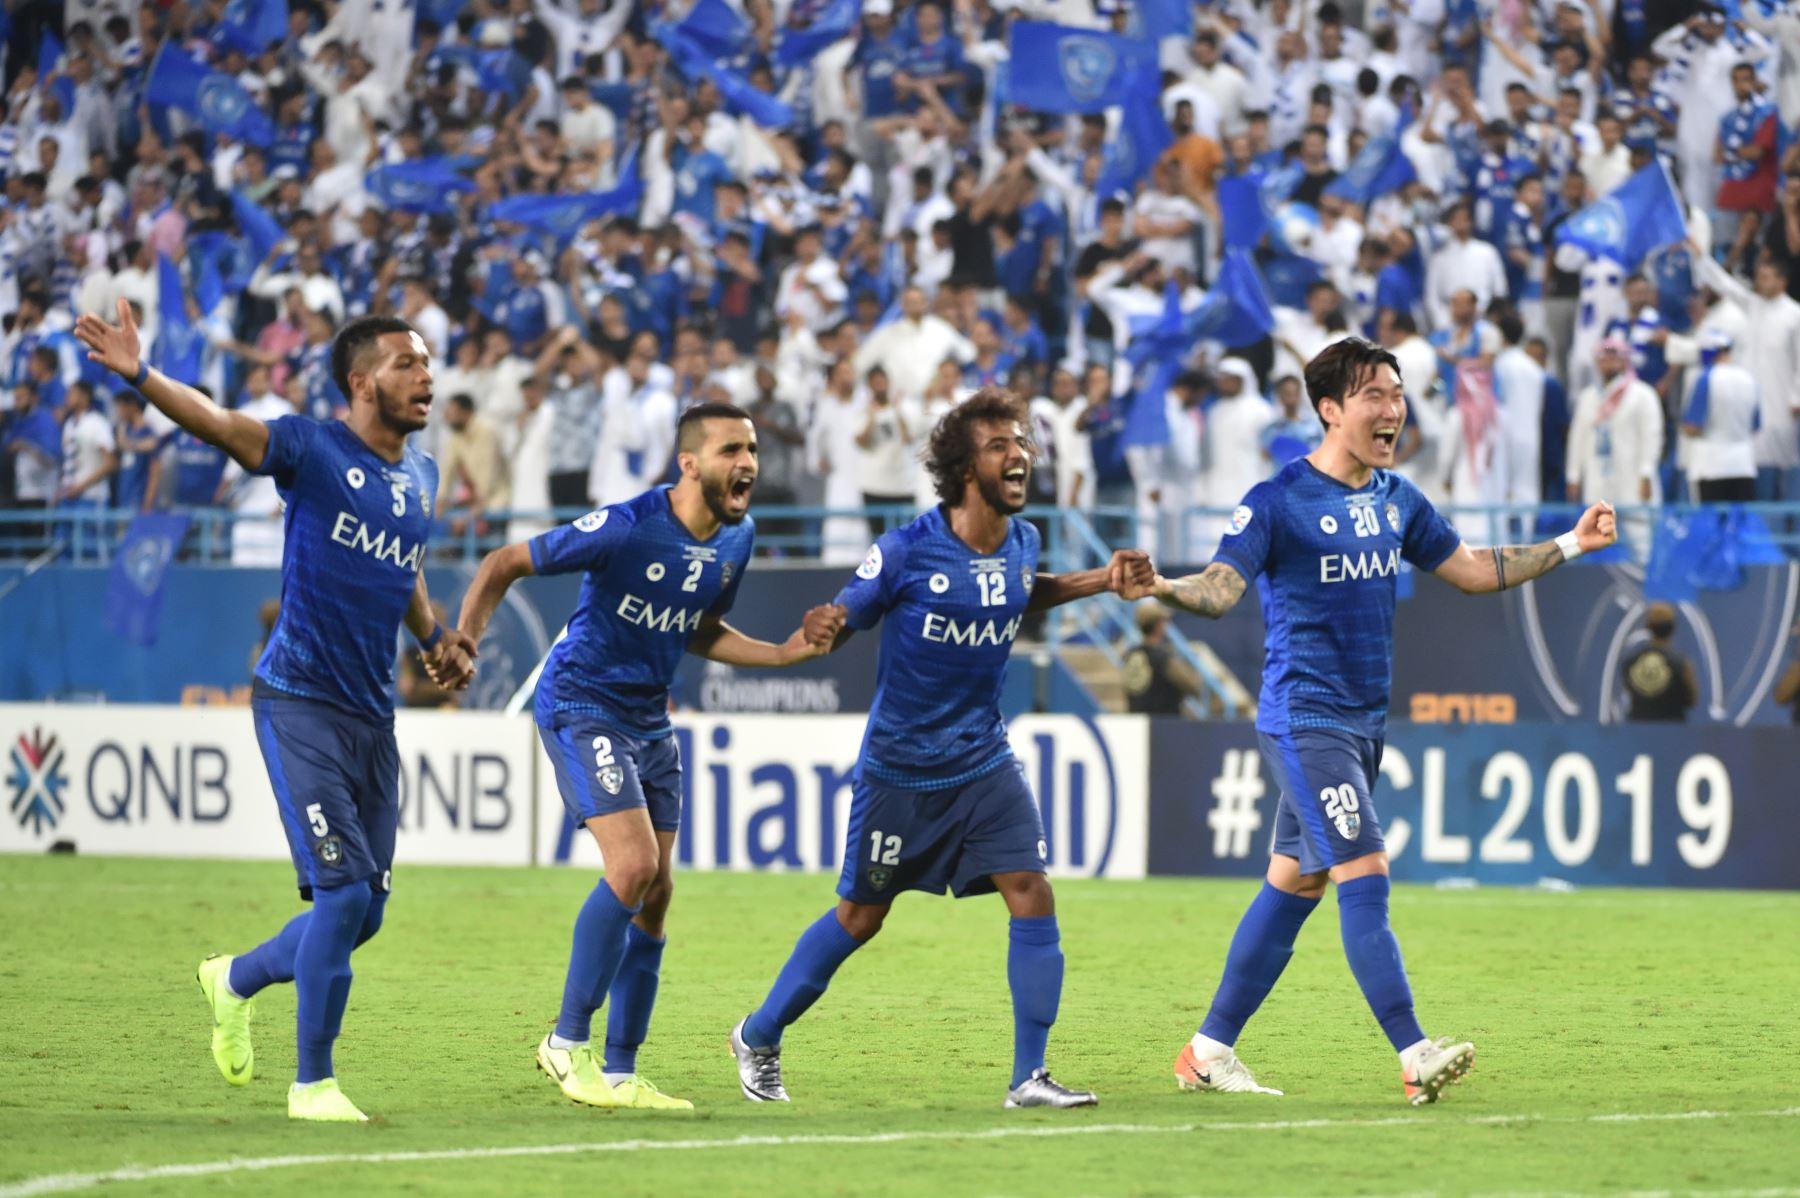 Los jugadores de Hilal celebran su victoria durante el partido de ida de la final de la Liga de Campeones de la AFC entre Al-Hilal de Arabia Saudita y los Diamantes Rojos de Urawa de Japón. Foto: AFP